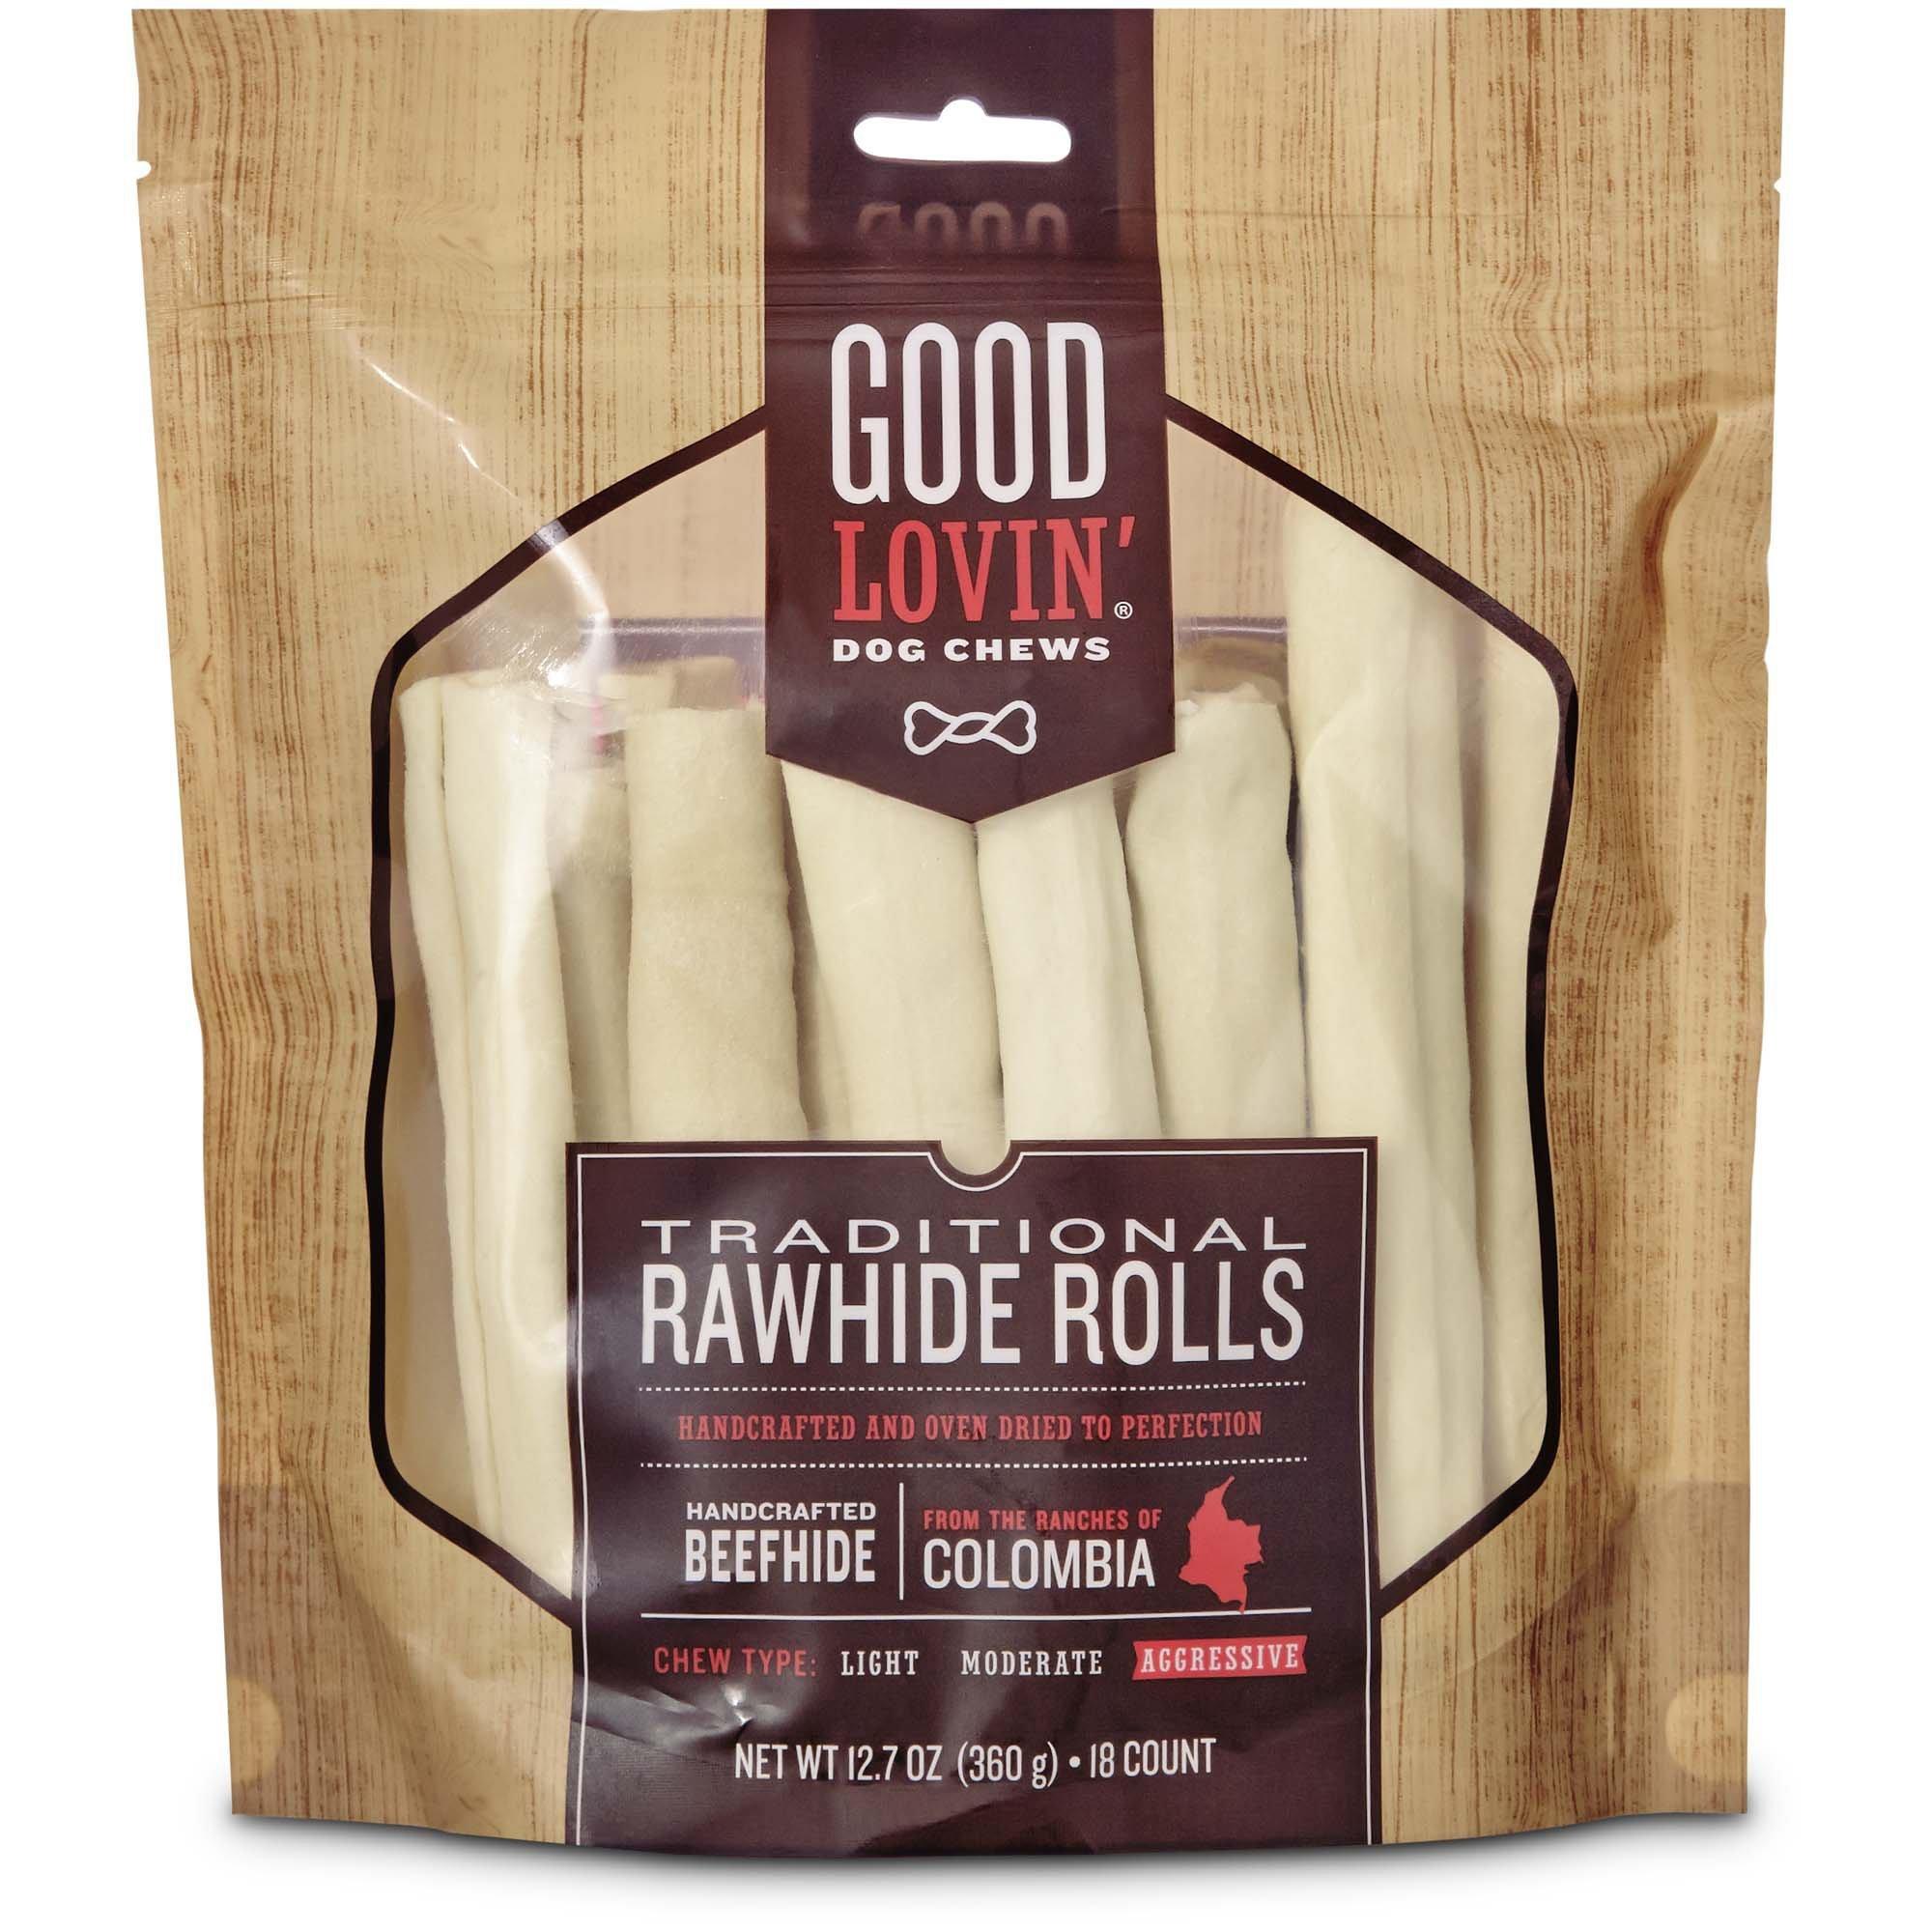 Good Lovin' Traditional Rawhide Roll Dog Chew, 12.7 oz. by Good Lovin'